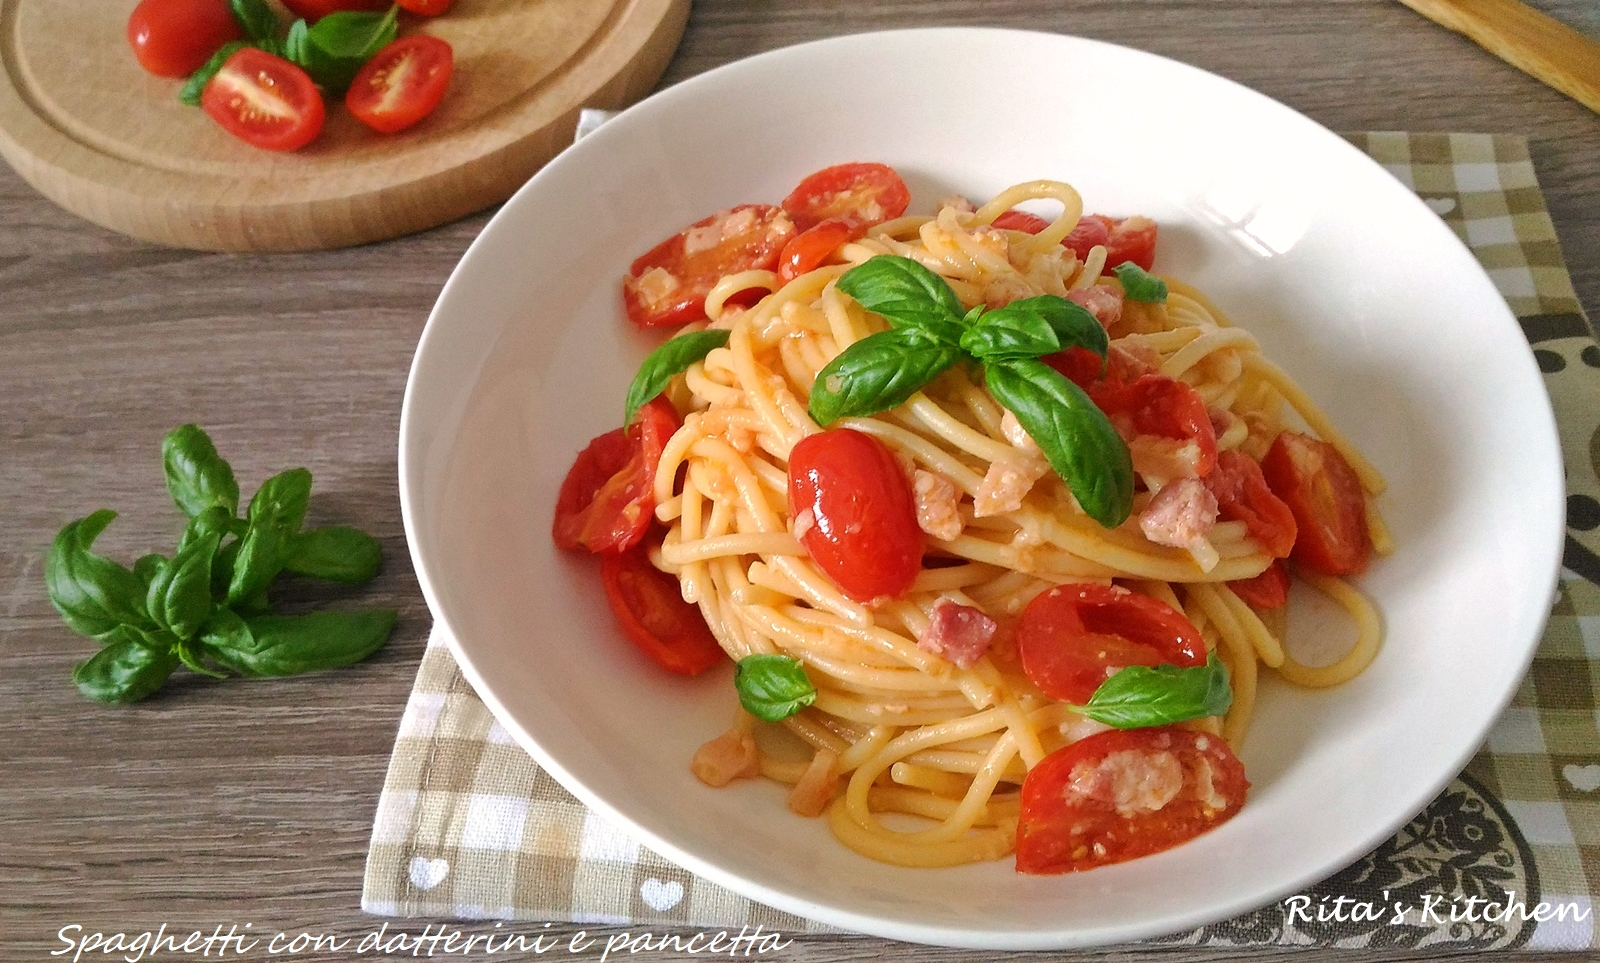 spaghetti con datterini e pancetta